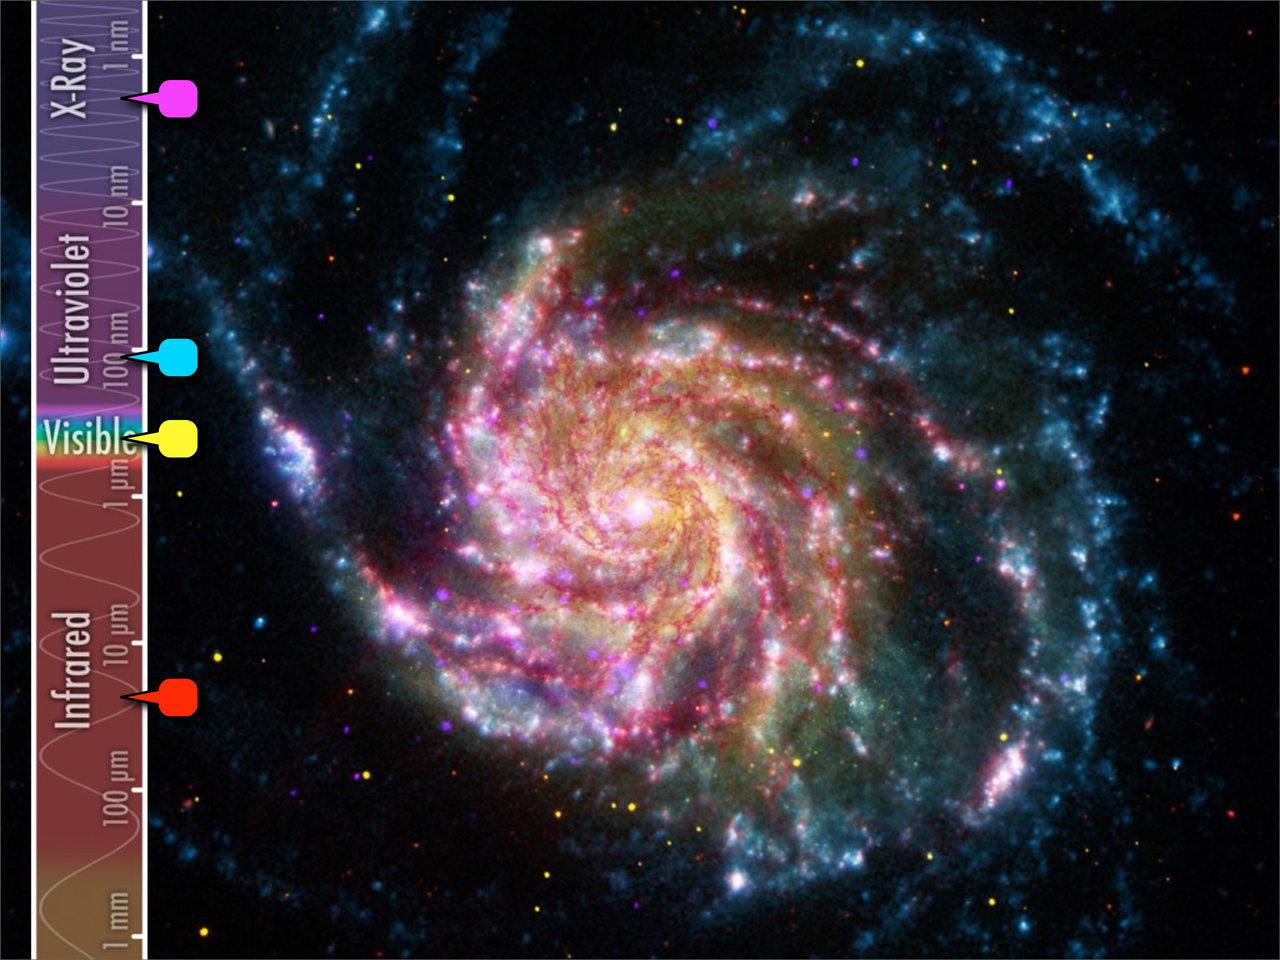 M101 - Composite Image